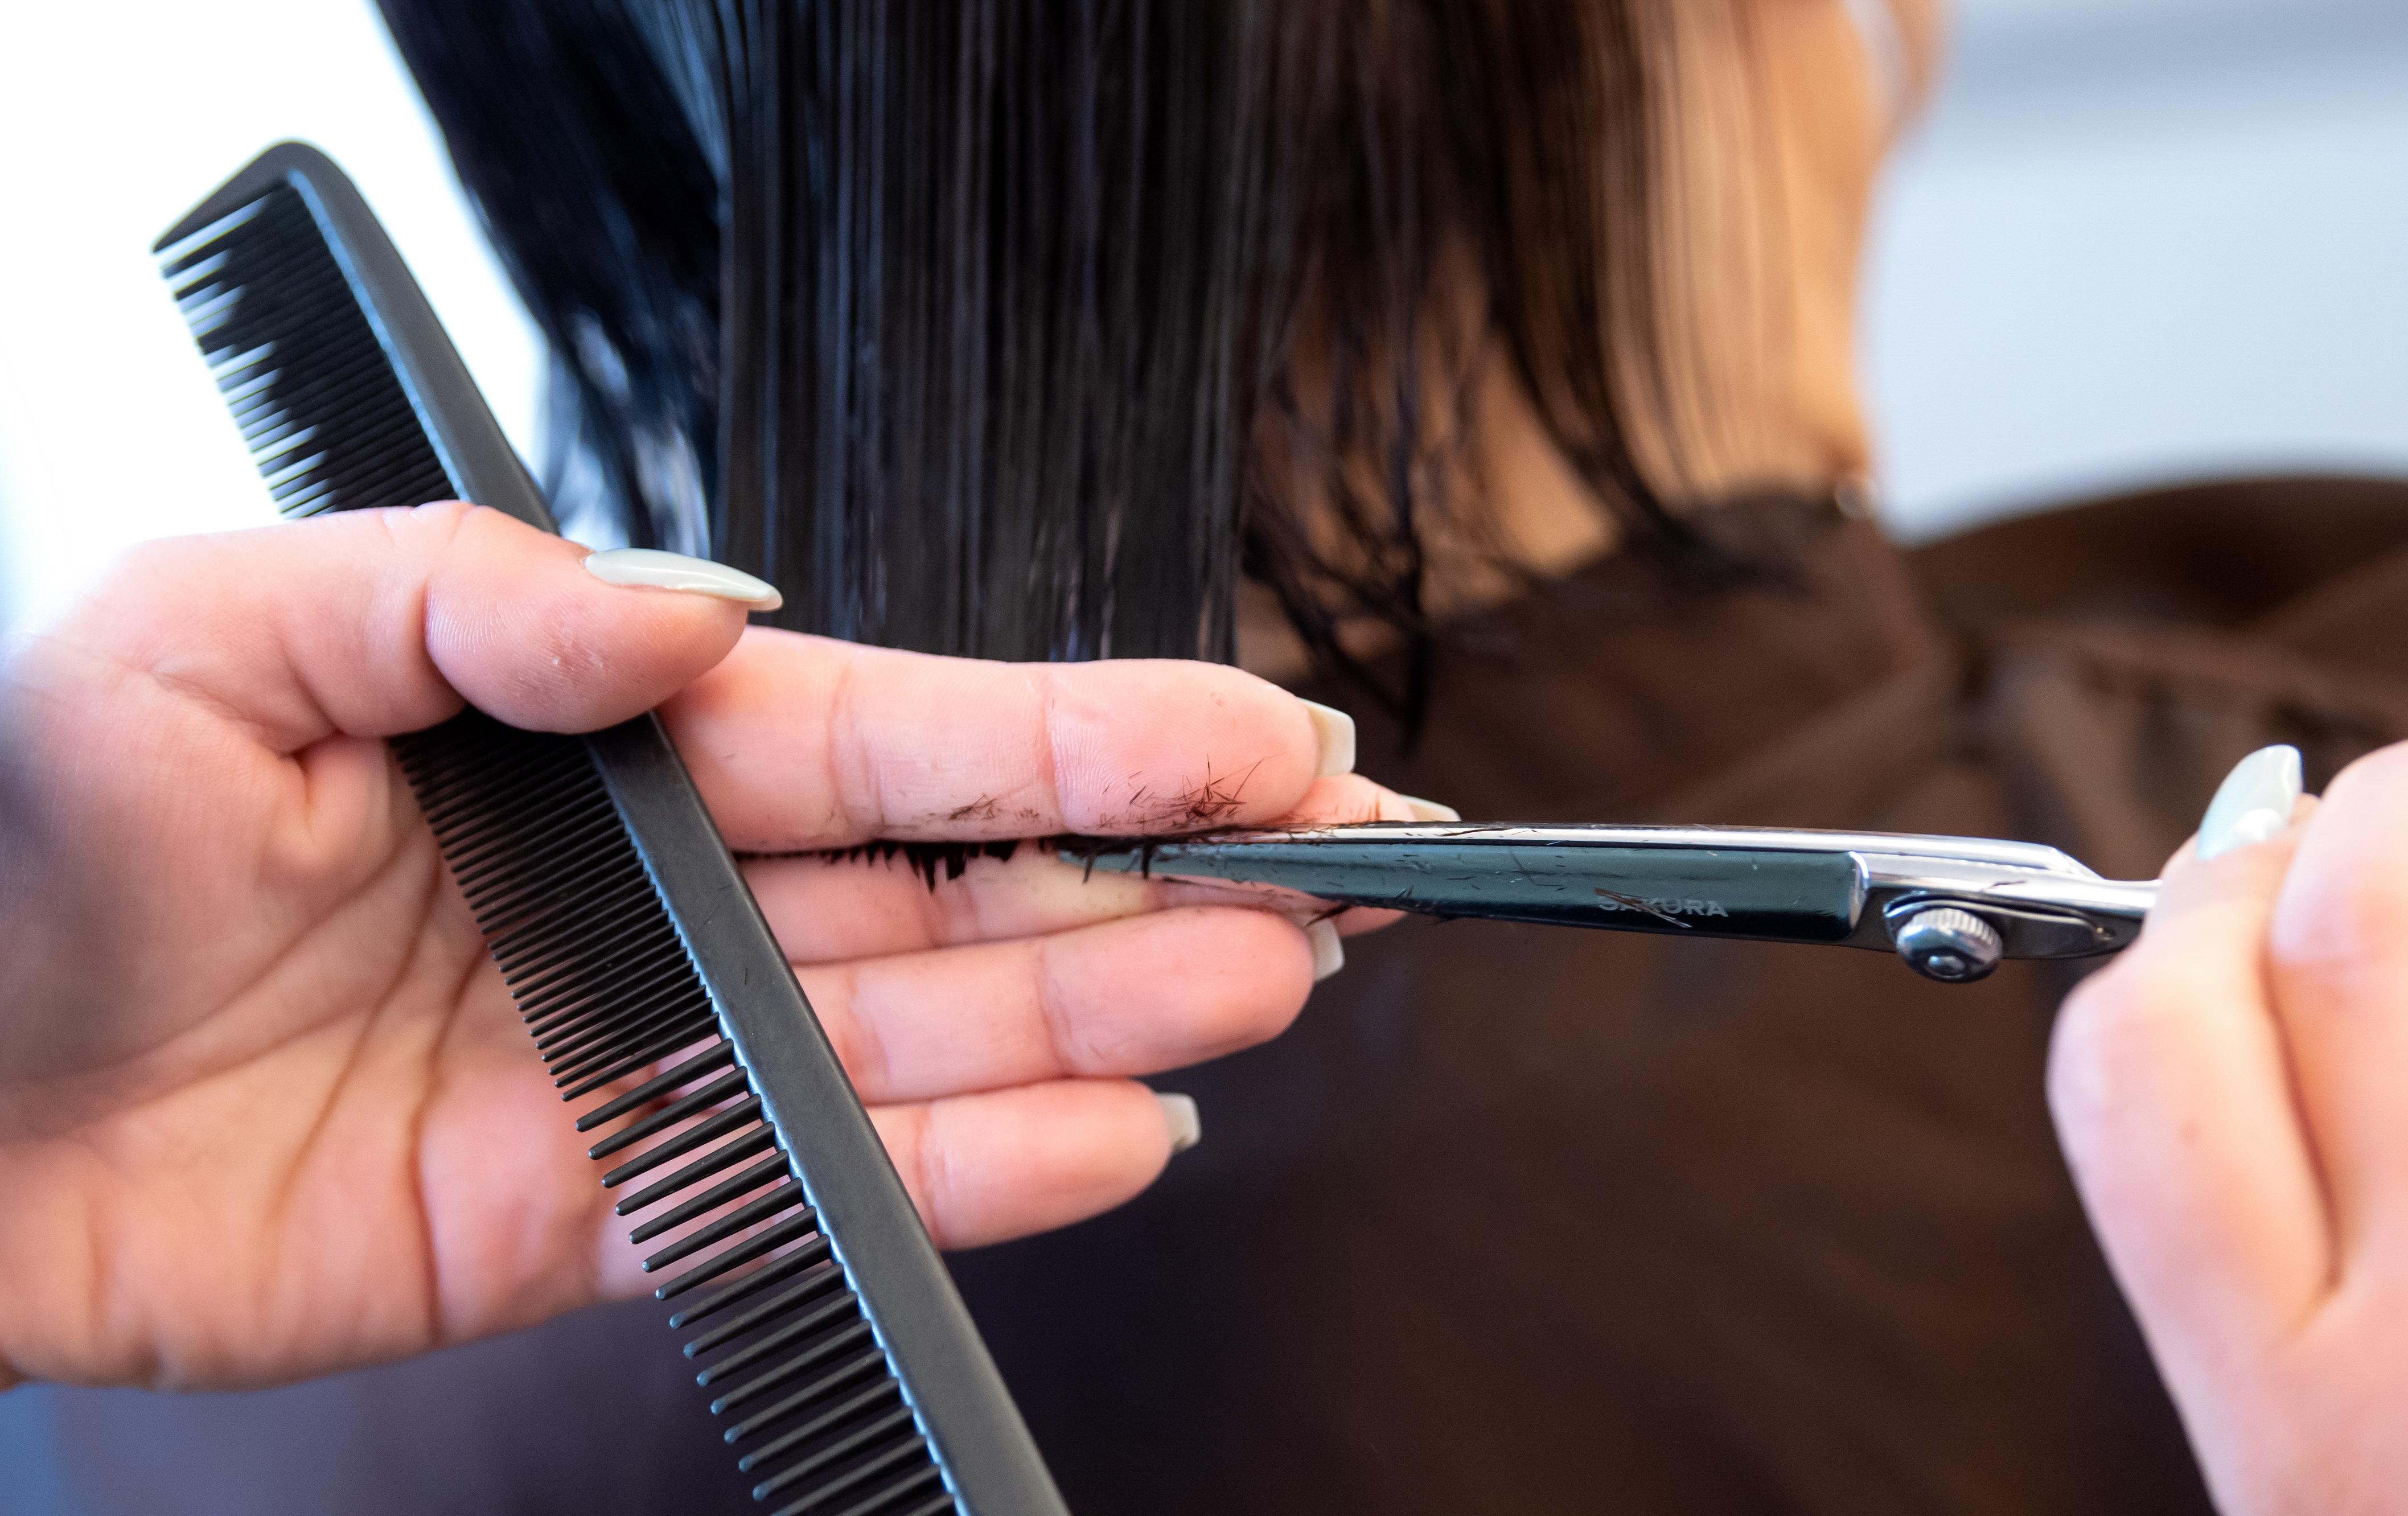 Viele Deutsche haben sich nach der Wiederöffnung der Friseursalons einen neuen Haarschnitt verpassen lassen (Symbolbild).